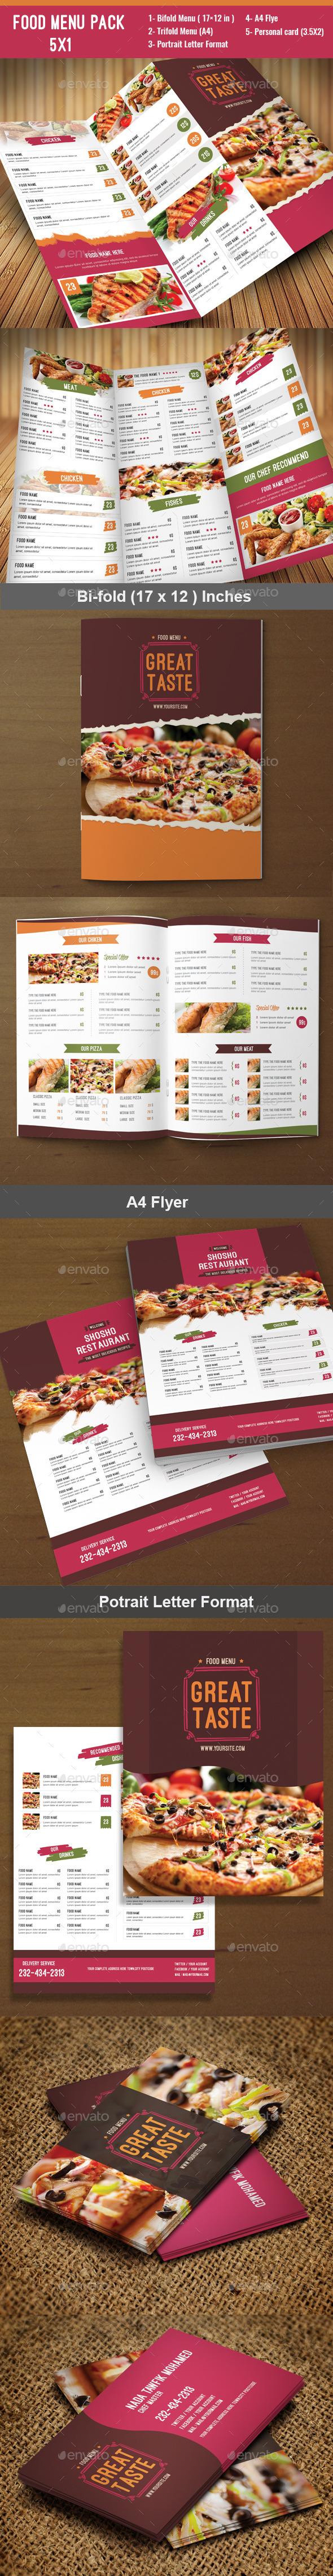 Food Menu Pack 7  - Food Menus Print Templates